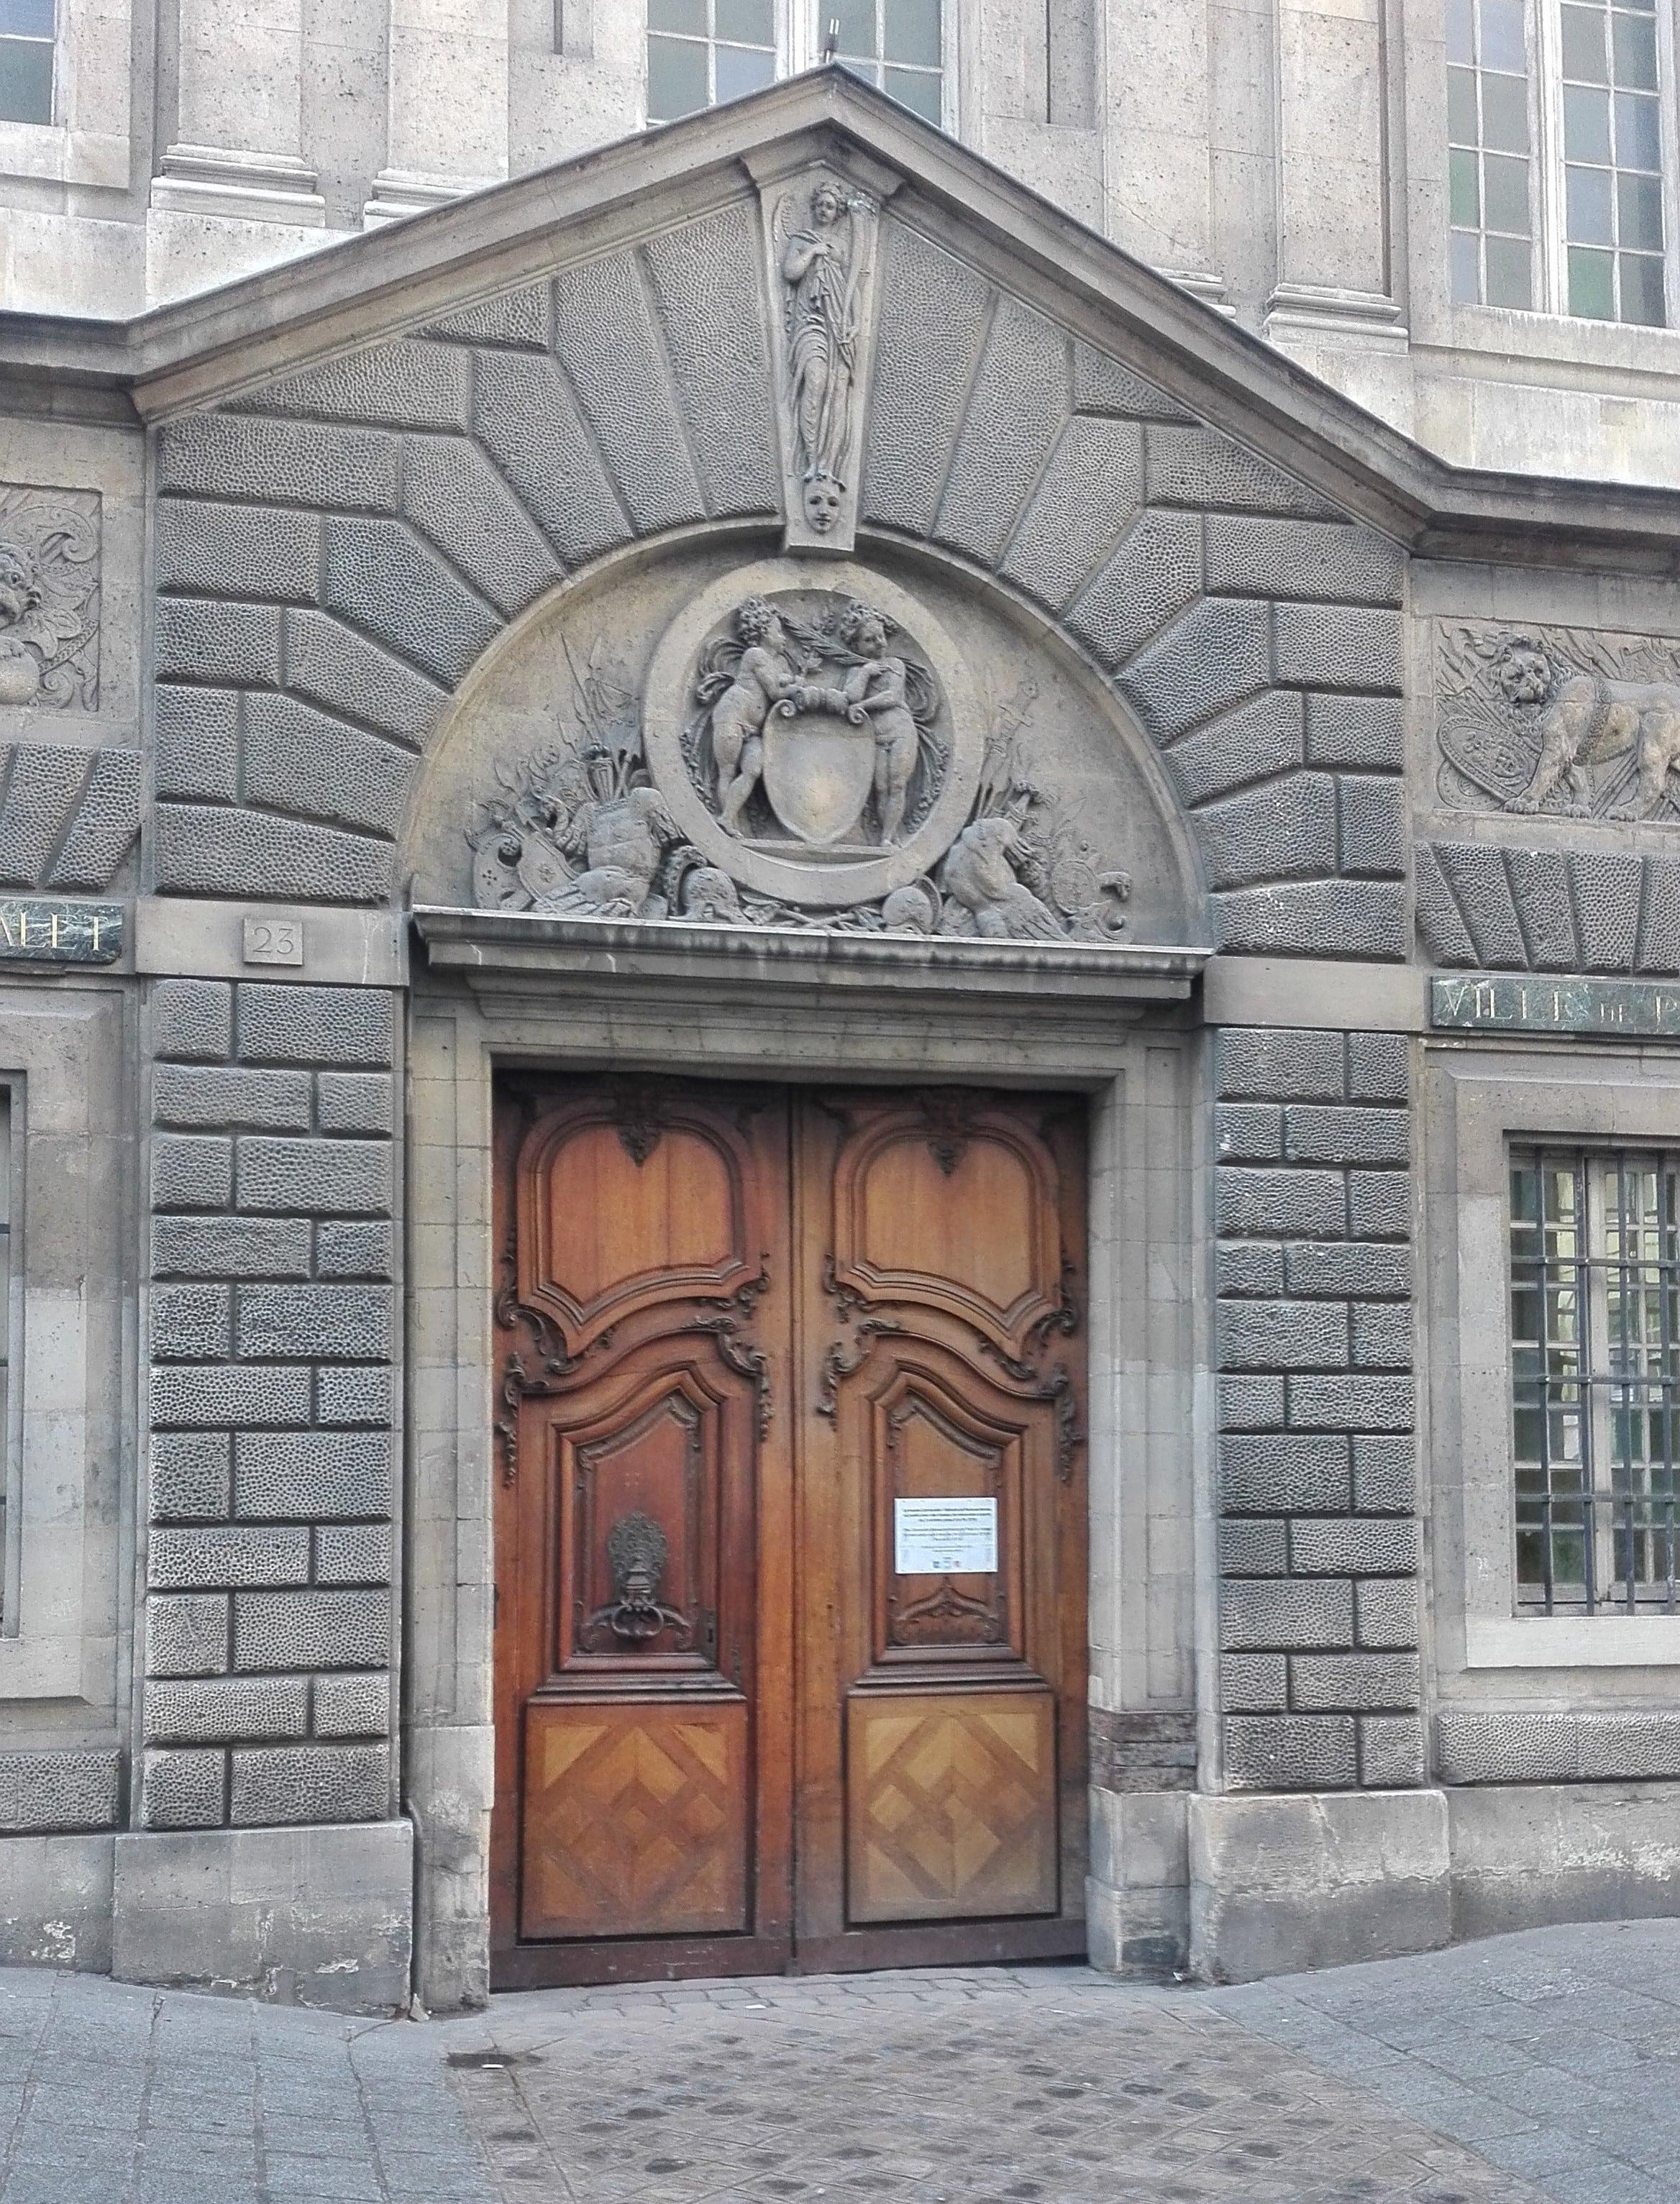 Porte d'entrée de Carnavalet Sévigné